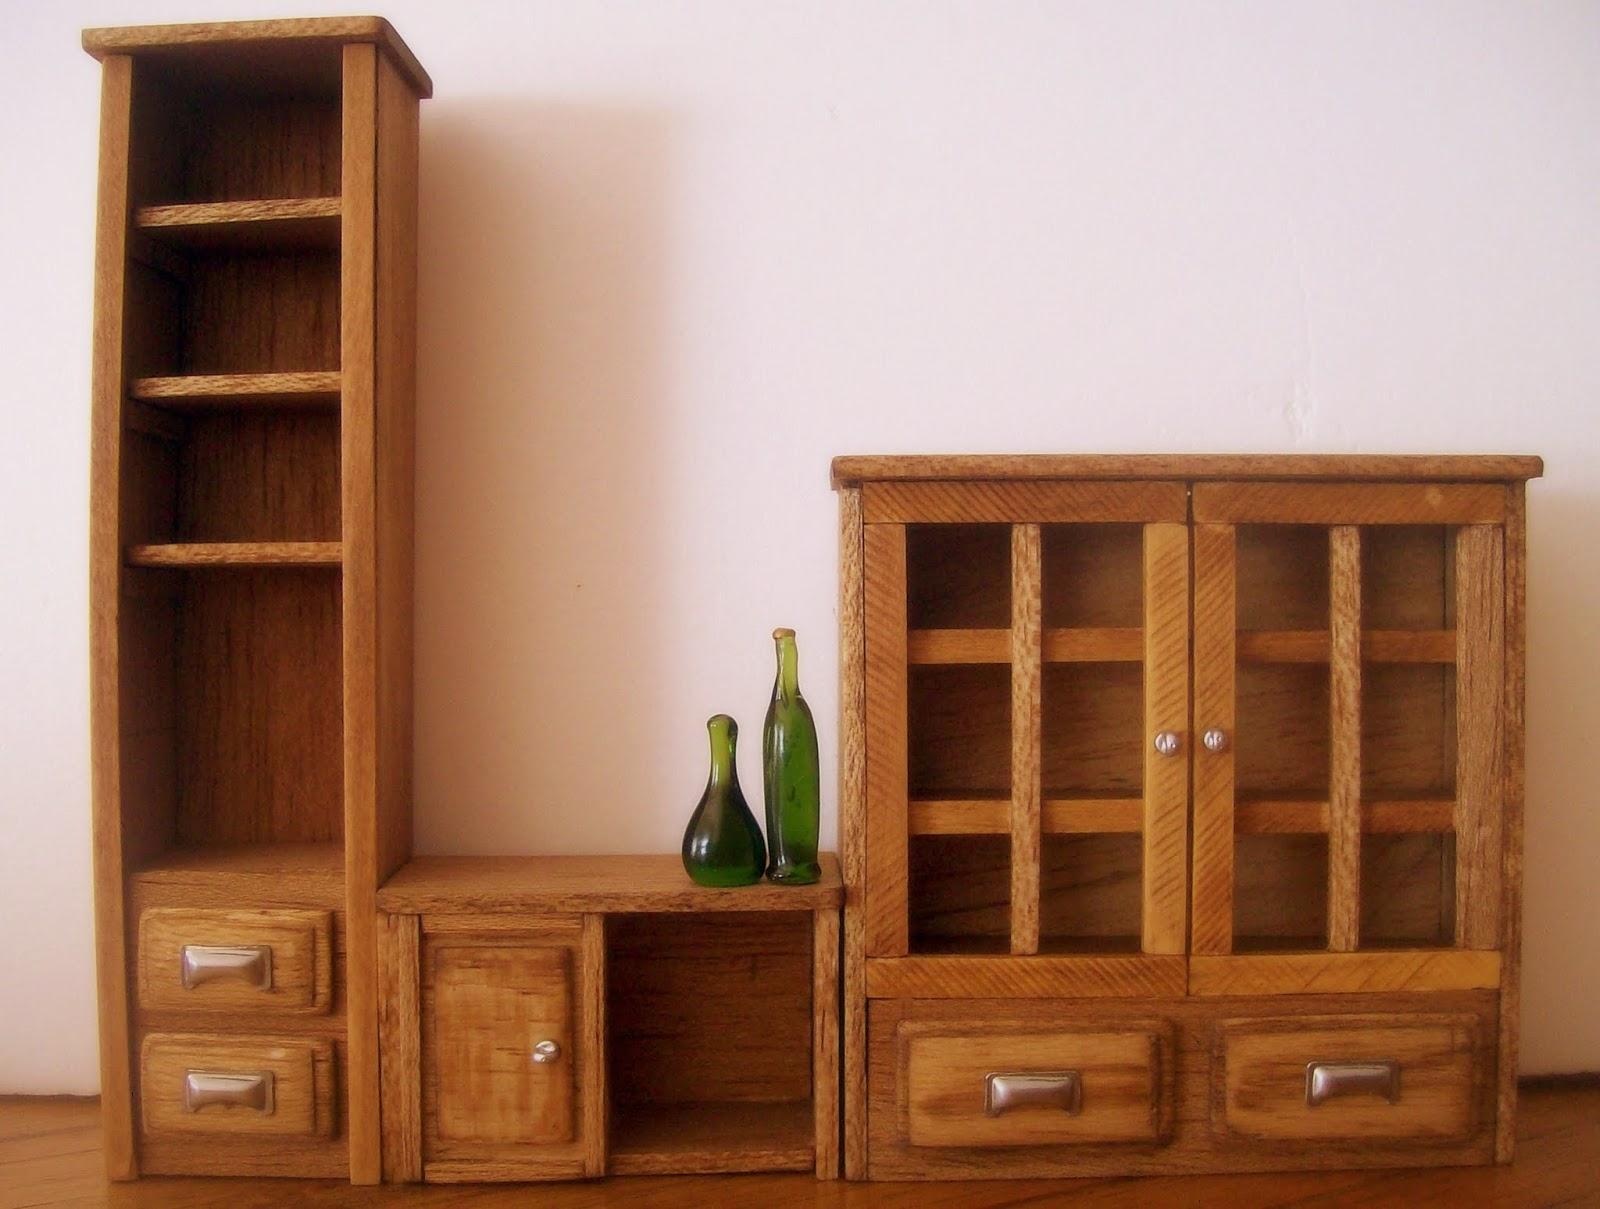 Las margaritas mueble en m dulos for Muebles por modulos baratos